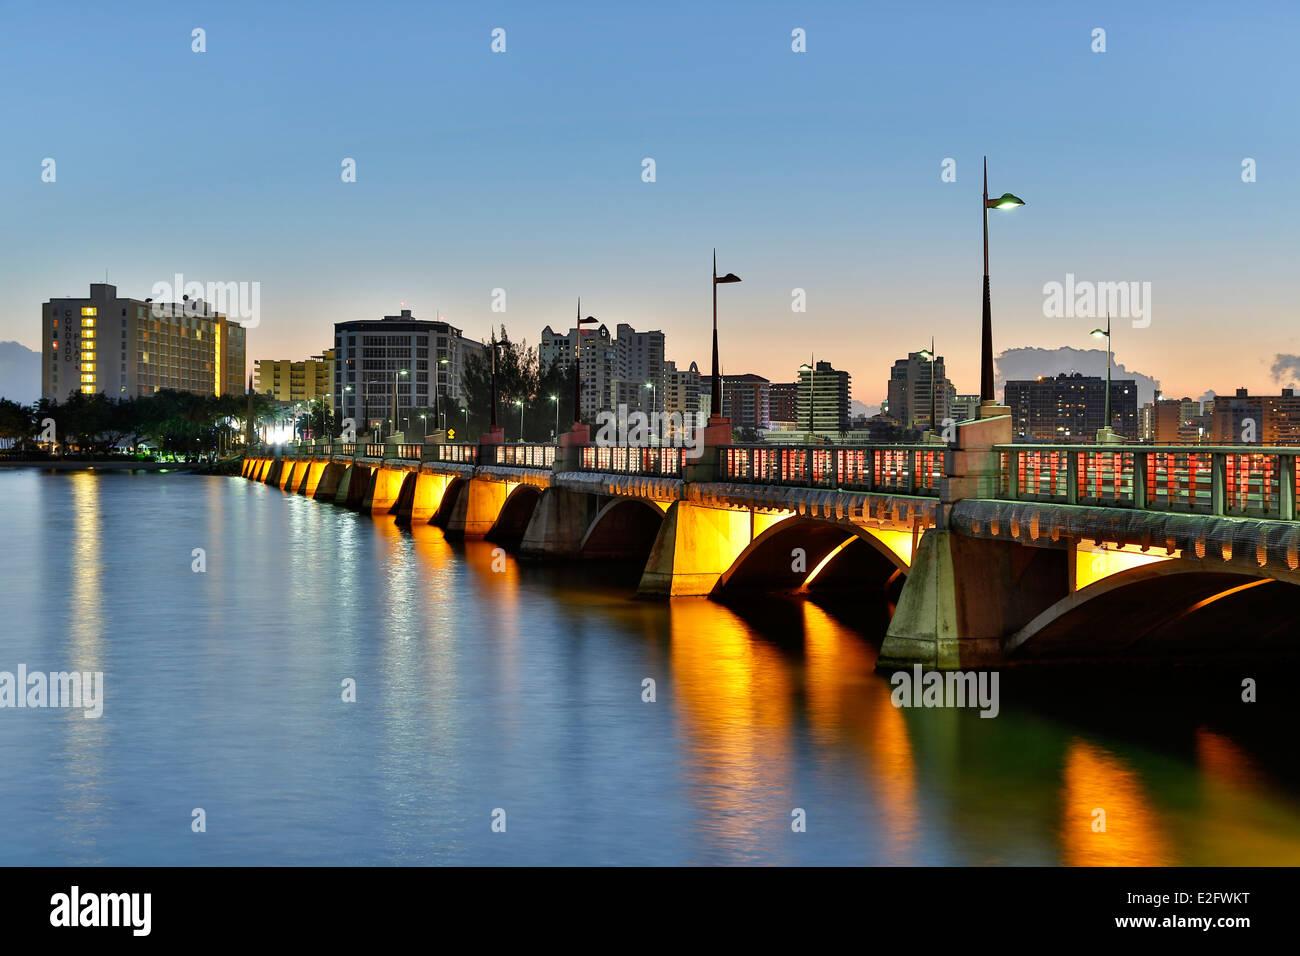 El Condado Lagoon, Dos Hermanos Bridge y la ciudad, El Condado, San Juan, Puerto Rico Imagen De Stock